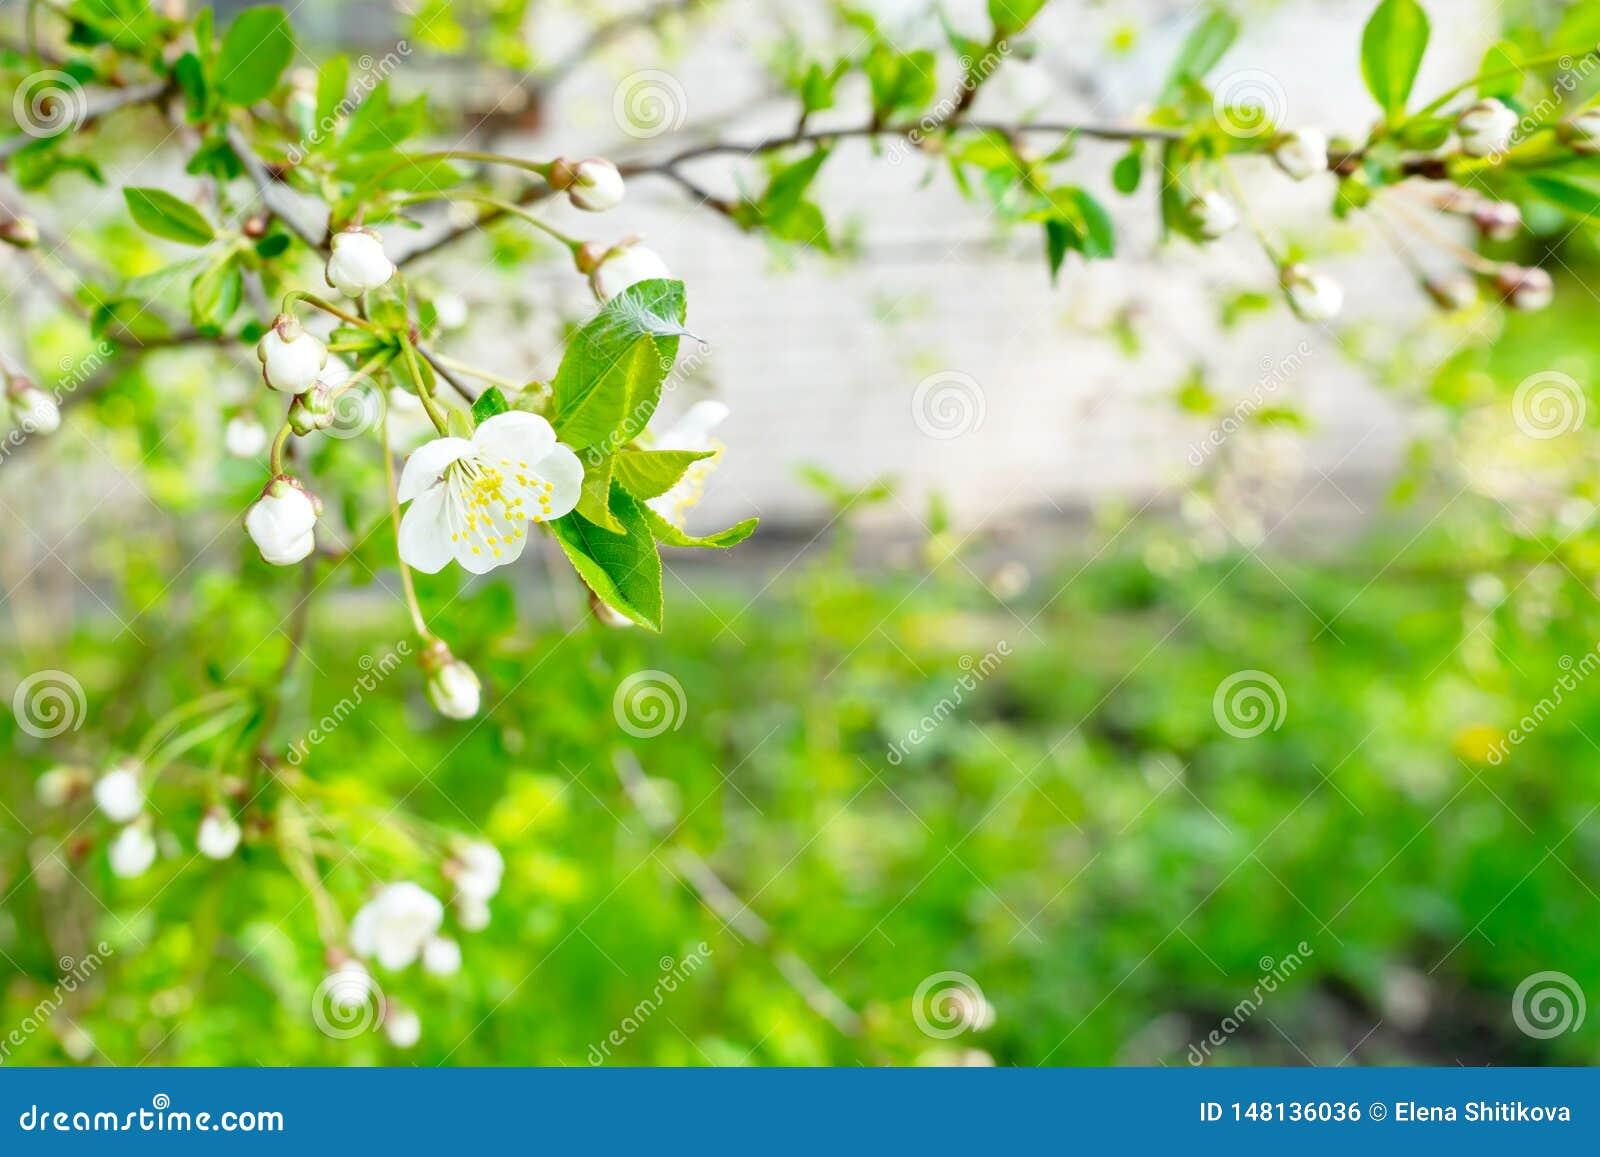 Primo piano di fioritura della ciliegia I fiori sono bianchi